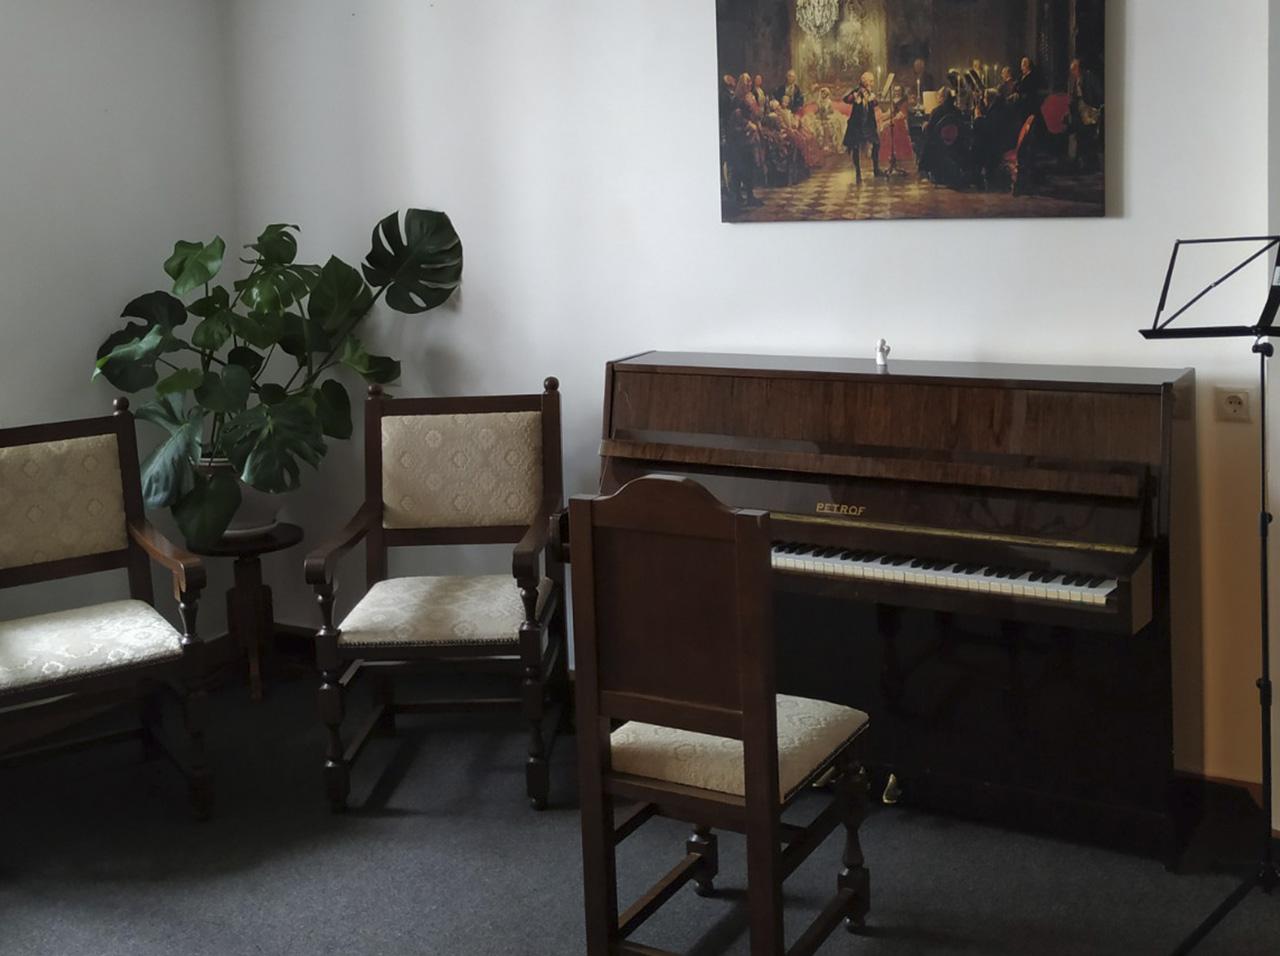 Музыкальный репетиторий - Кирилла и Мефодия, 8